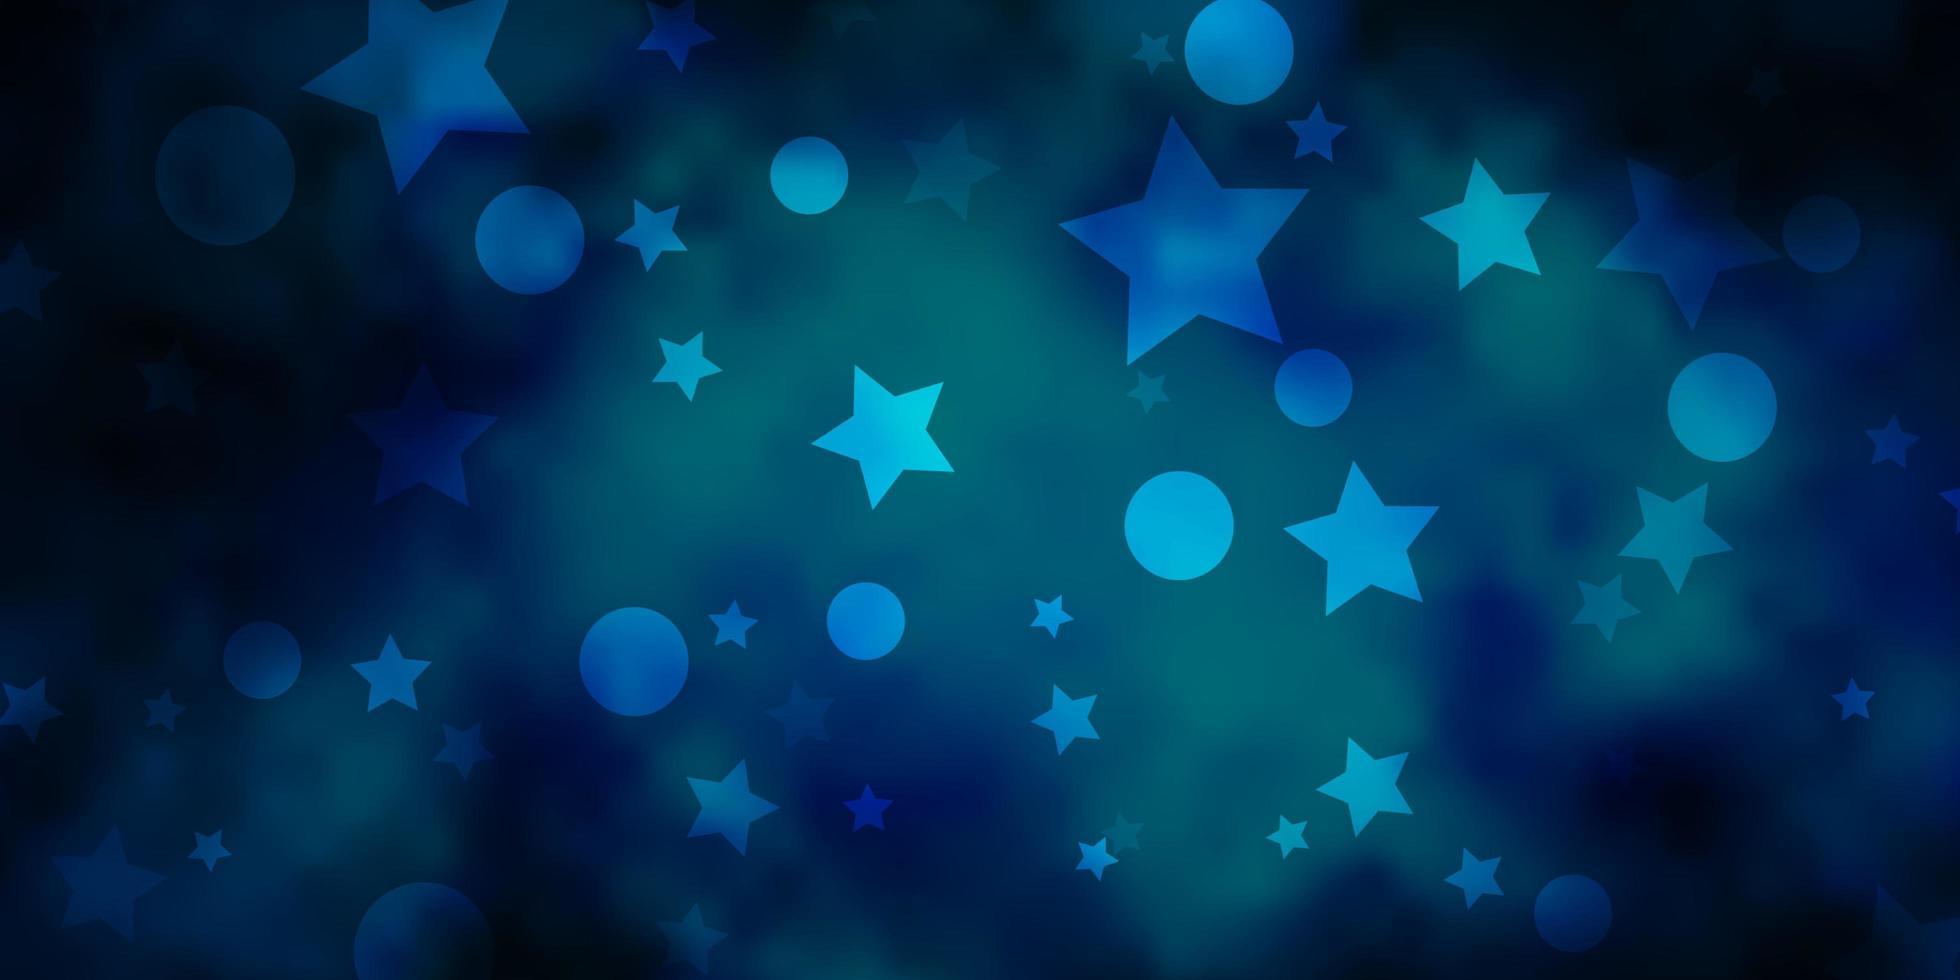 mörkblå vektorbakgrund med cirklar, stjärnor. vektor